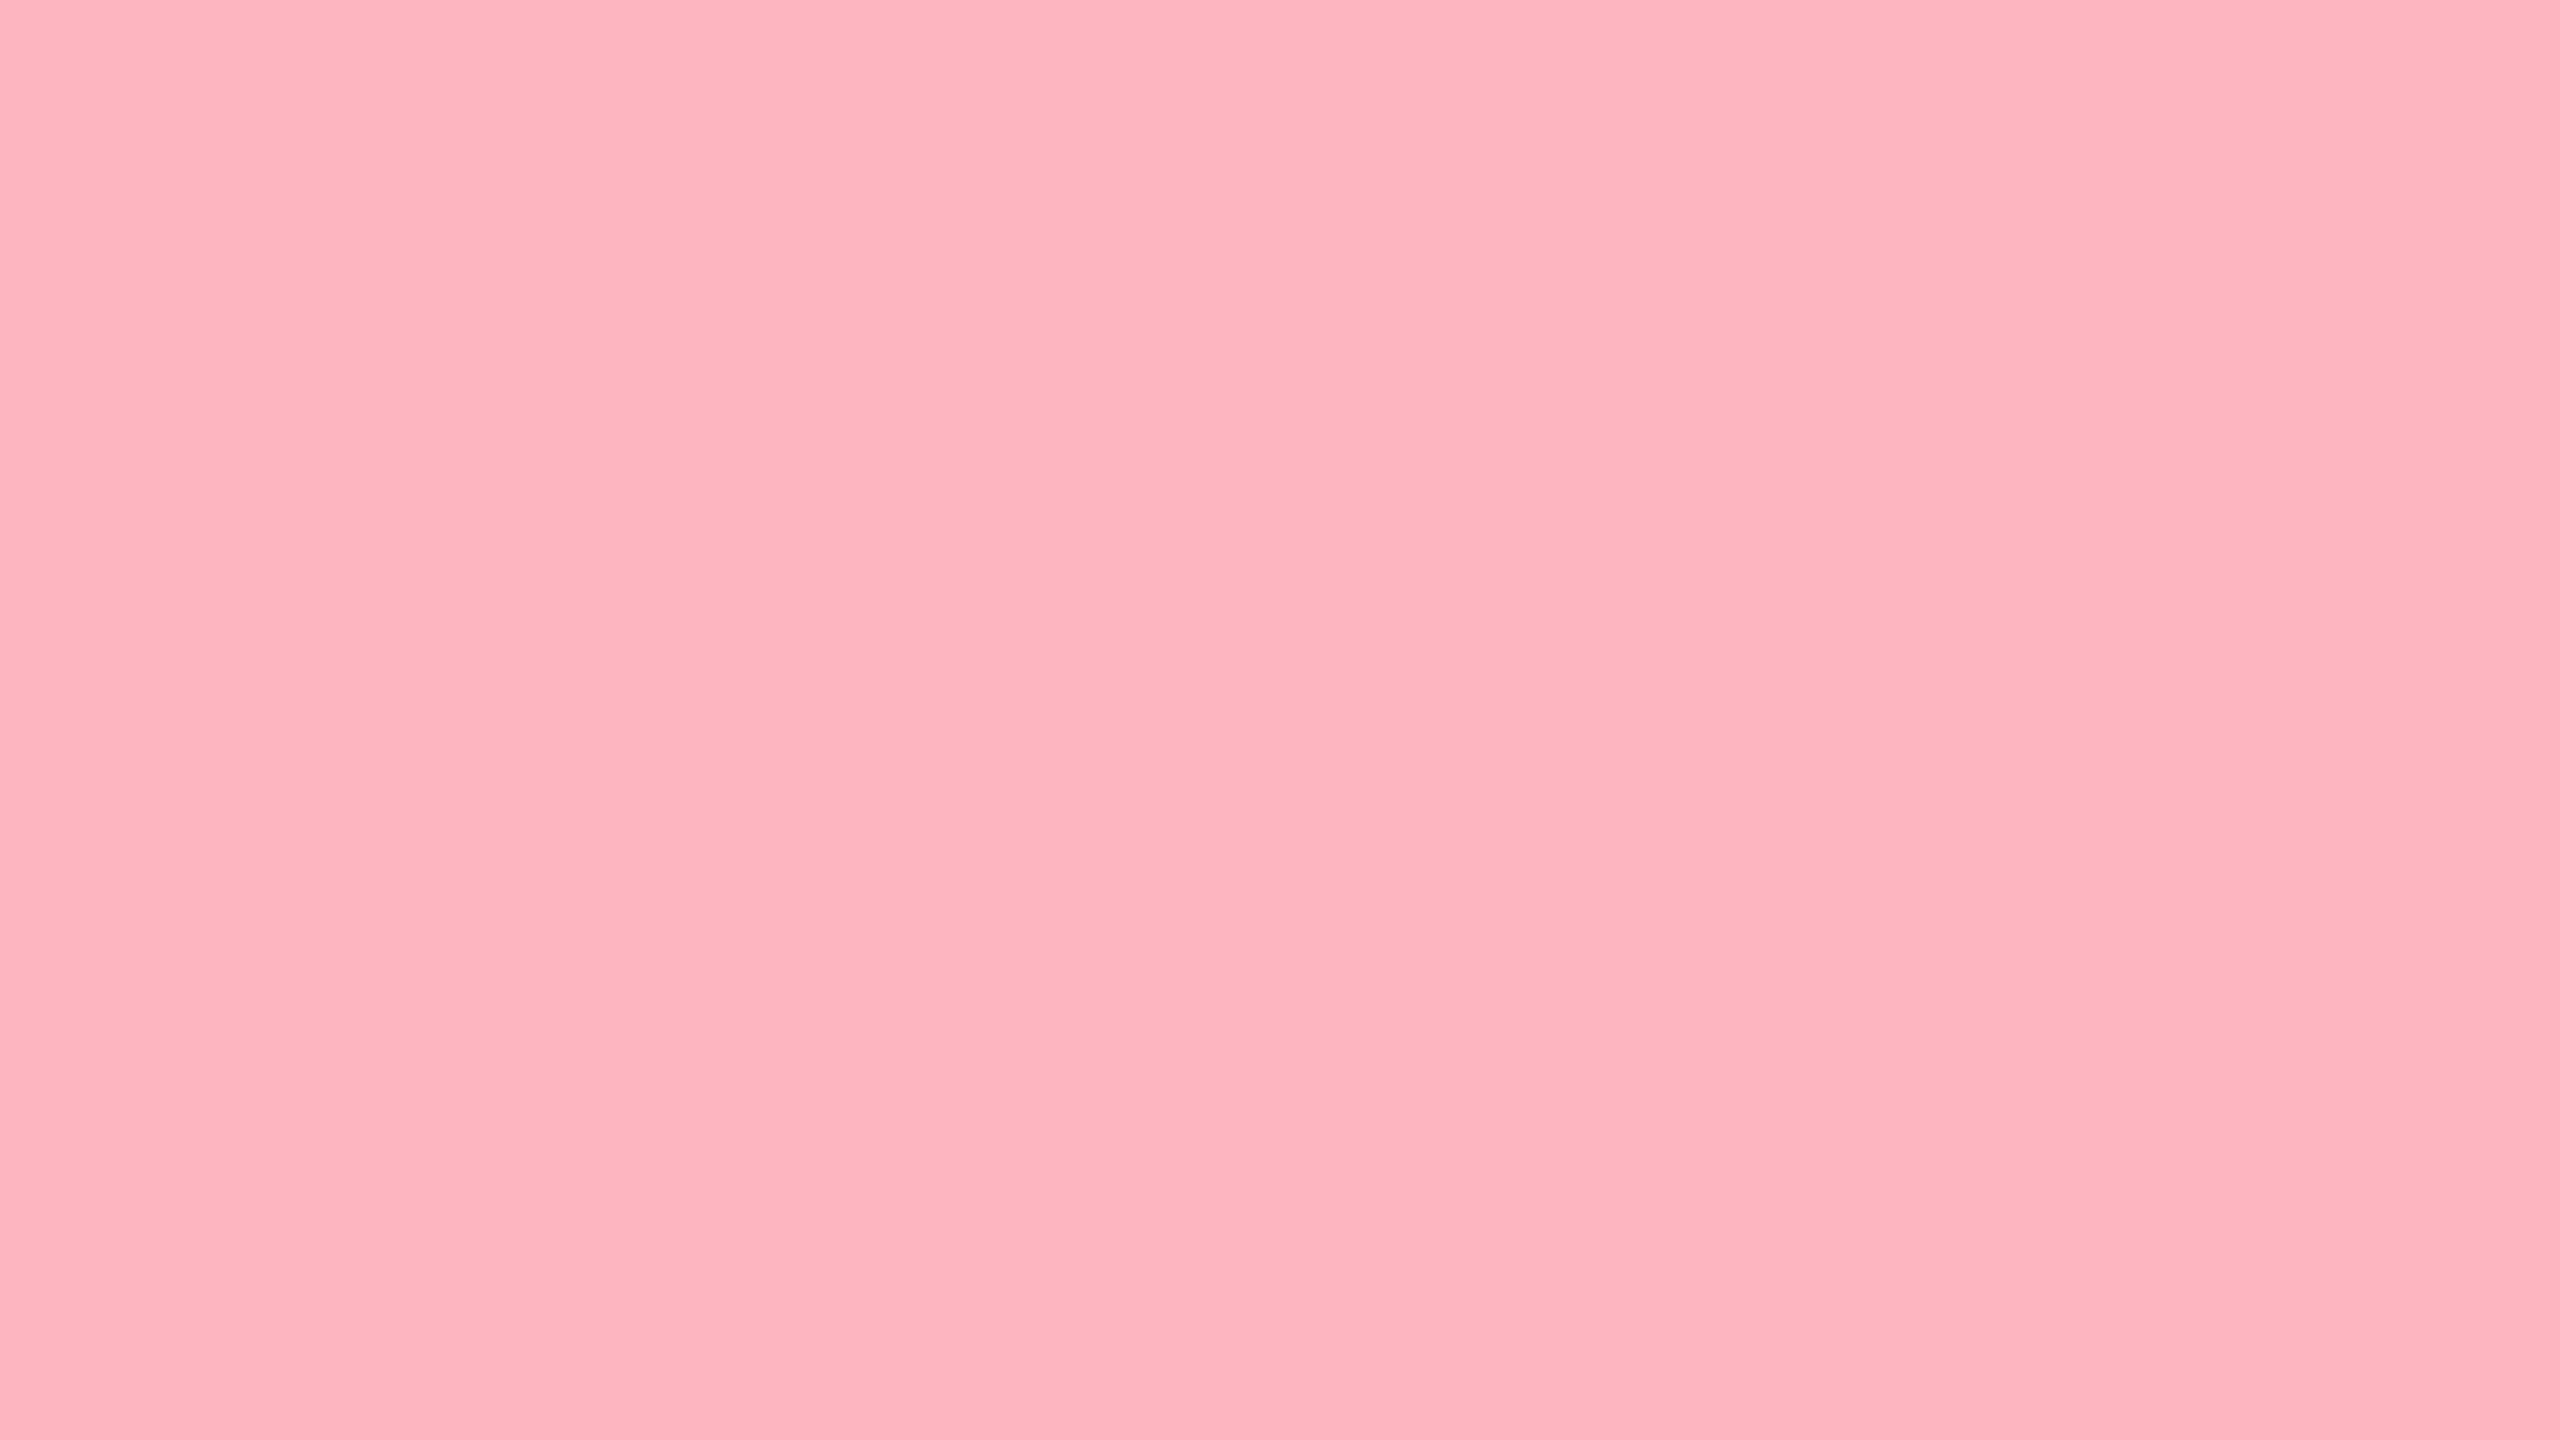 Light Pink And Black Wallpaper 4 Desktop Background